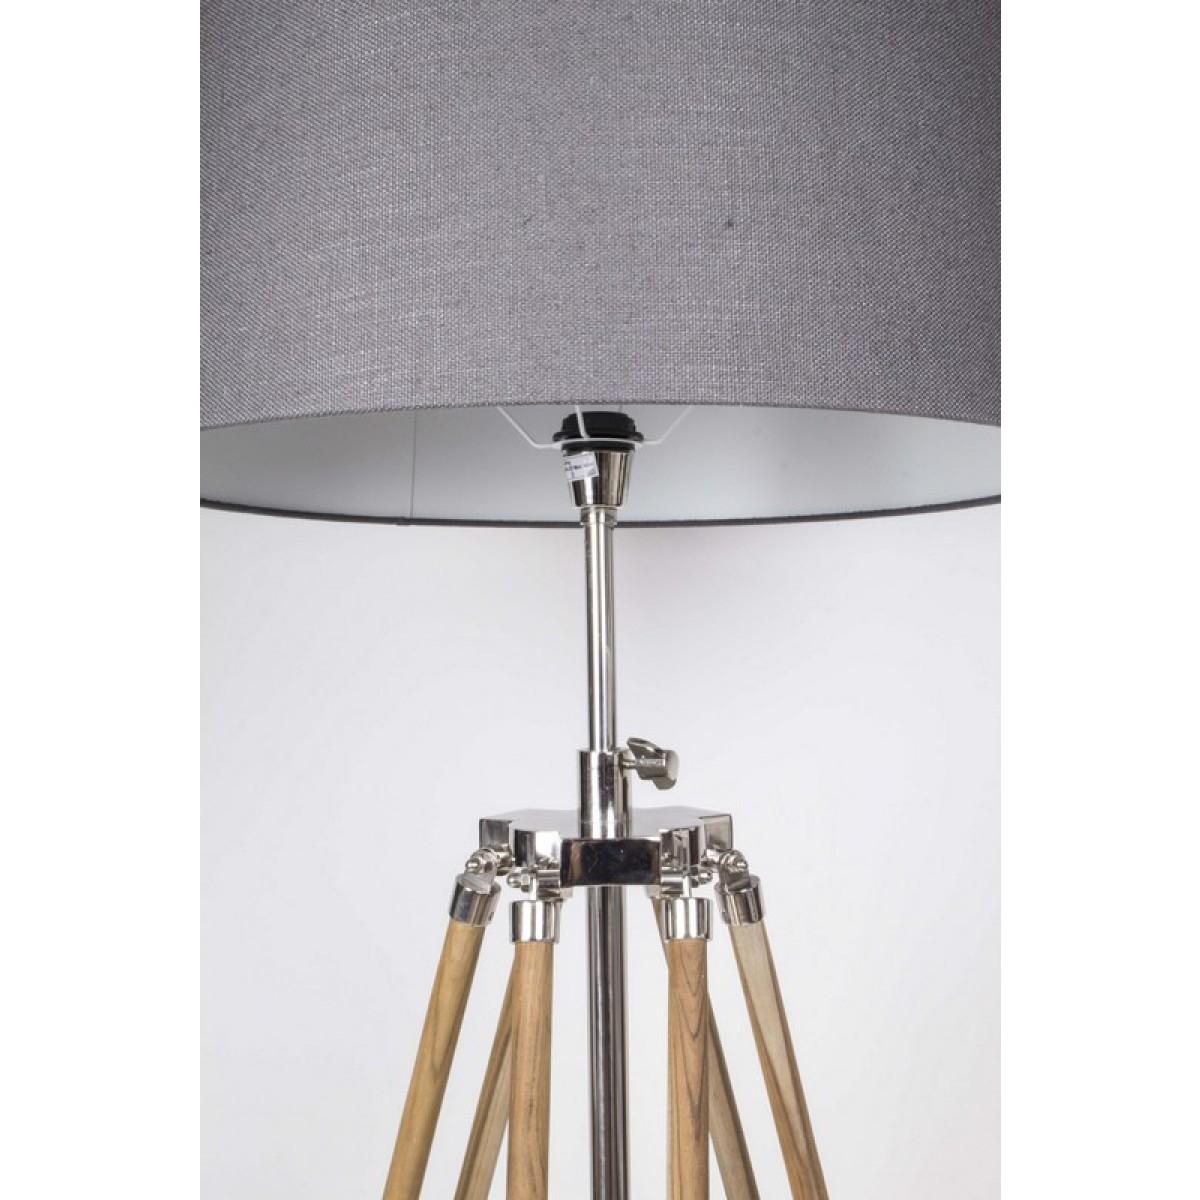 Stehleuchte hhenverstellbar im landhausstil dreibein stehlampe mehr ansichten parisarafo Choice Image